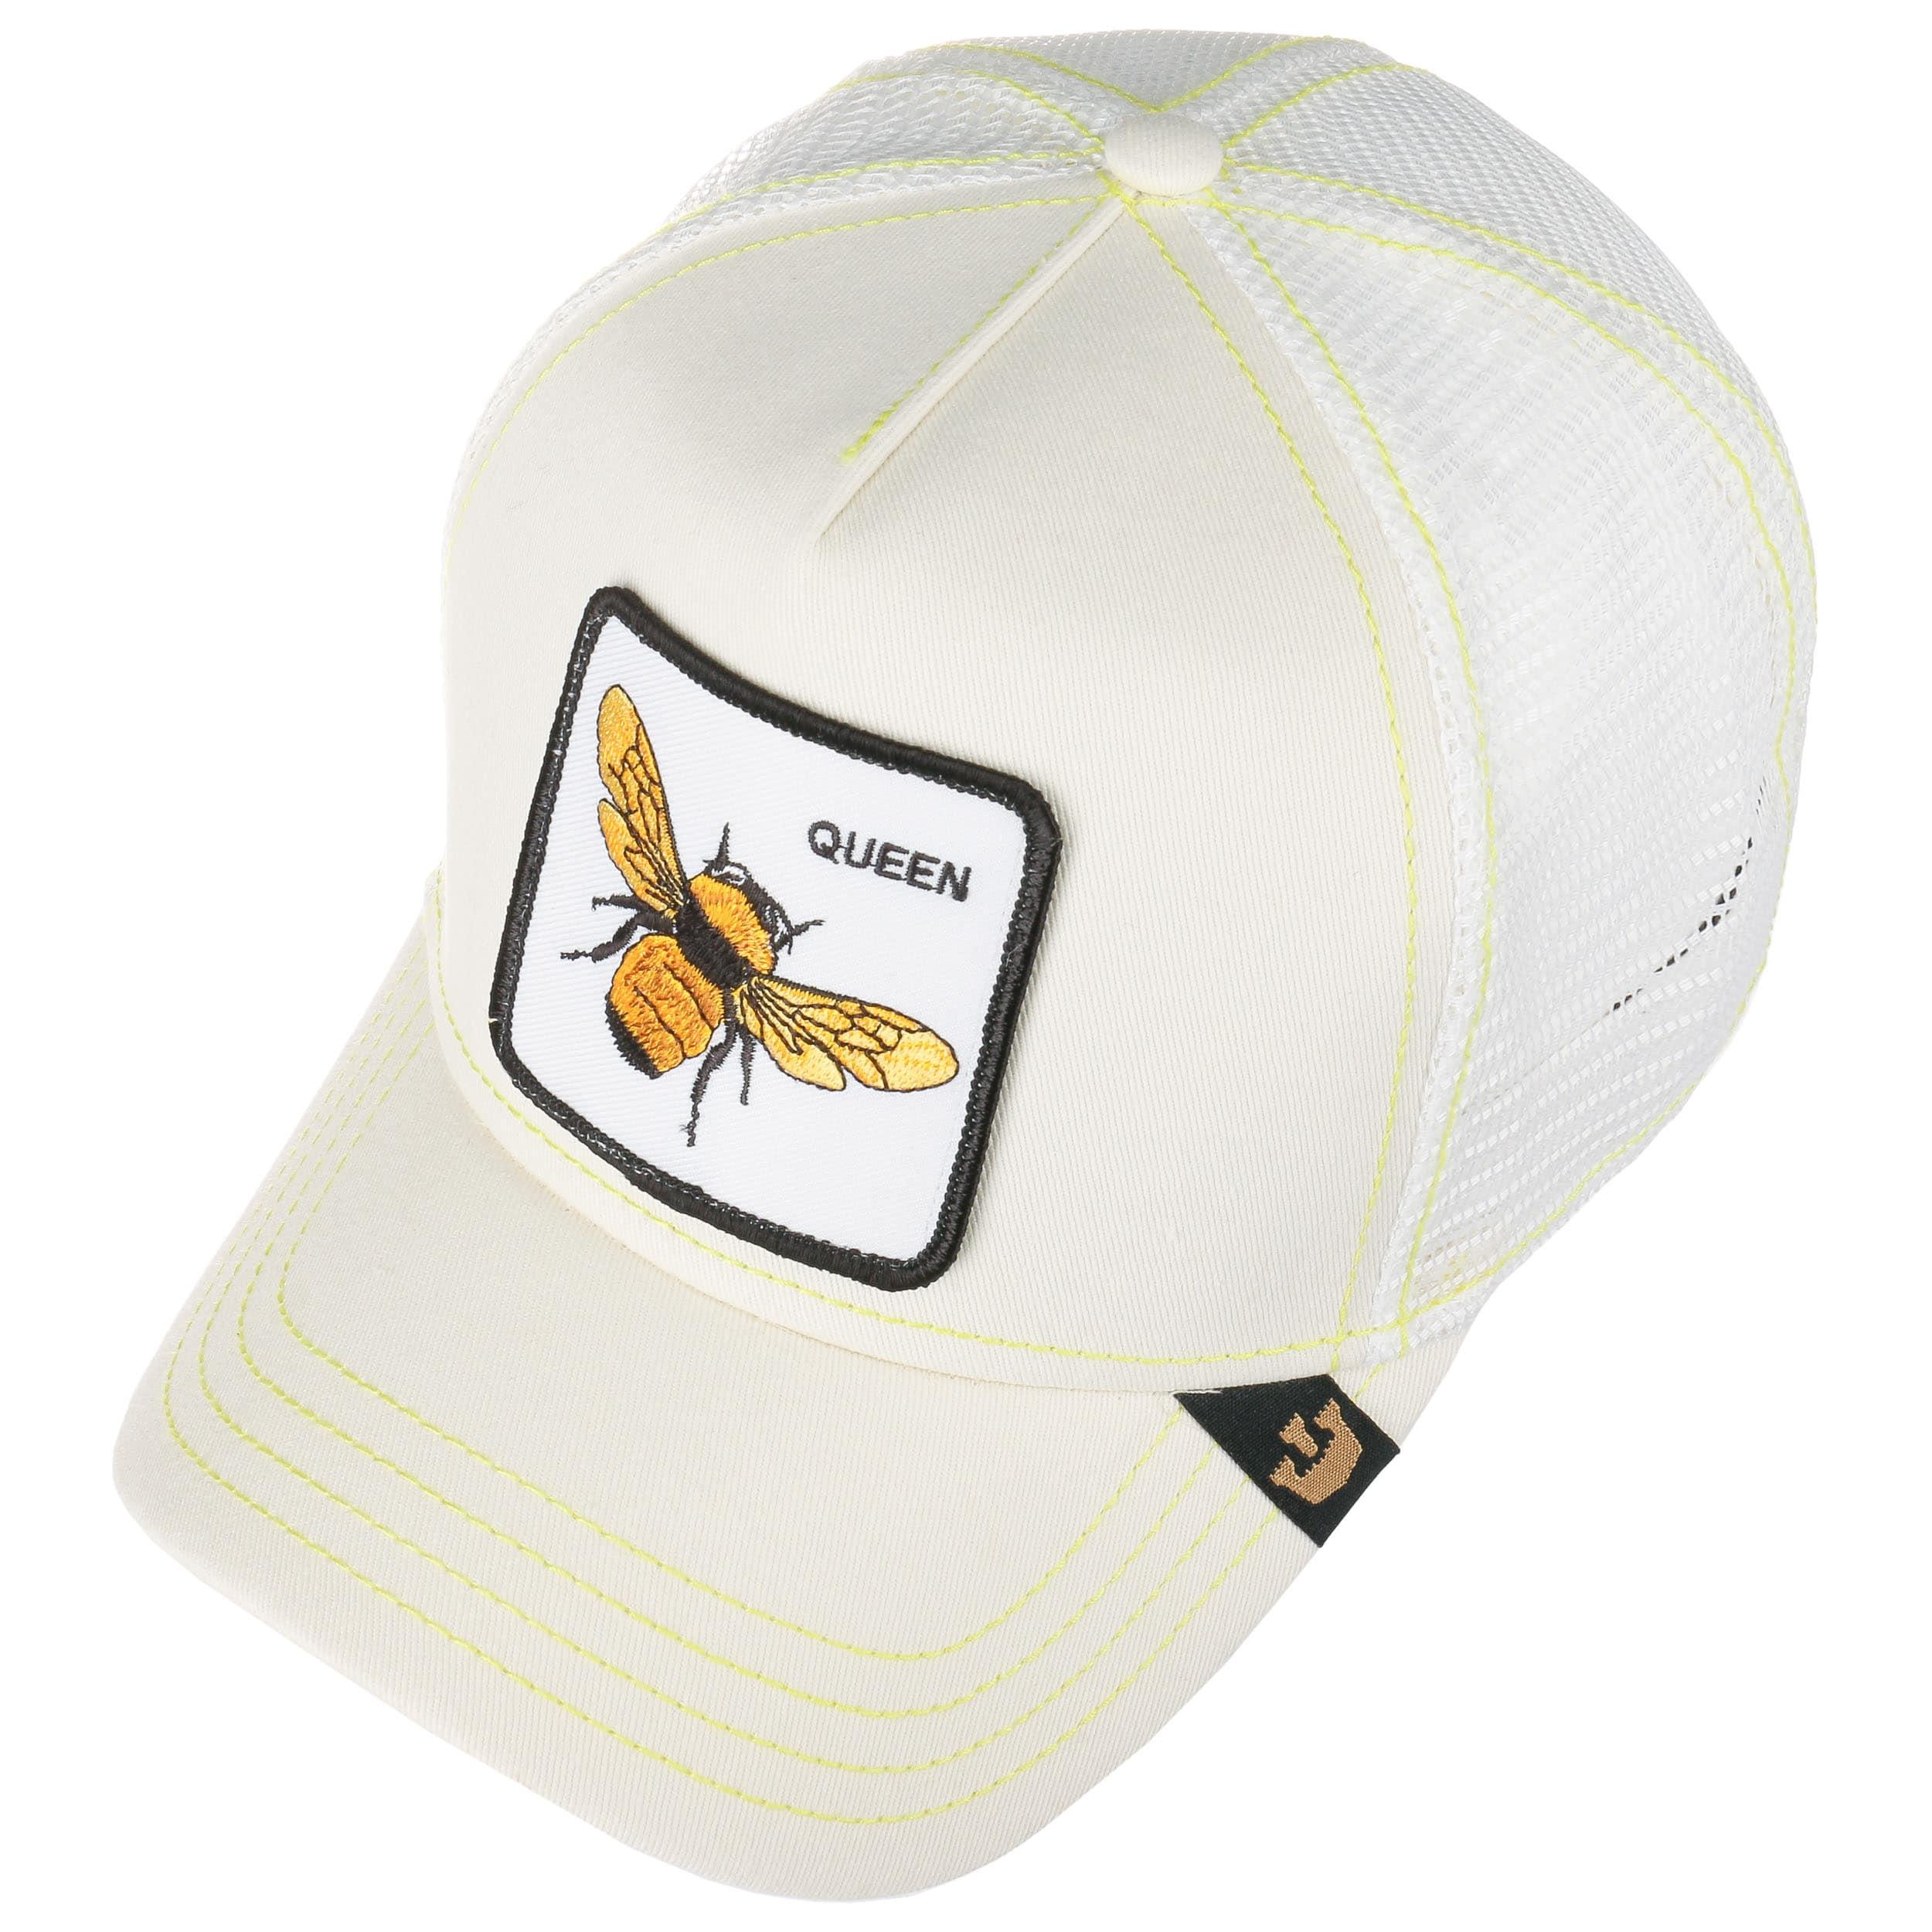 6780a7f382fd8 Casquette Trucker Queen Bee by Goorin Bros.